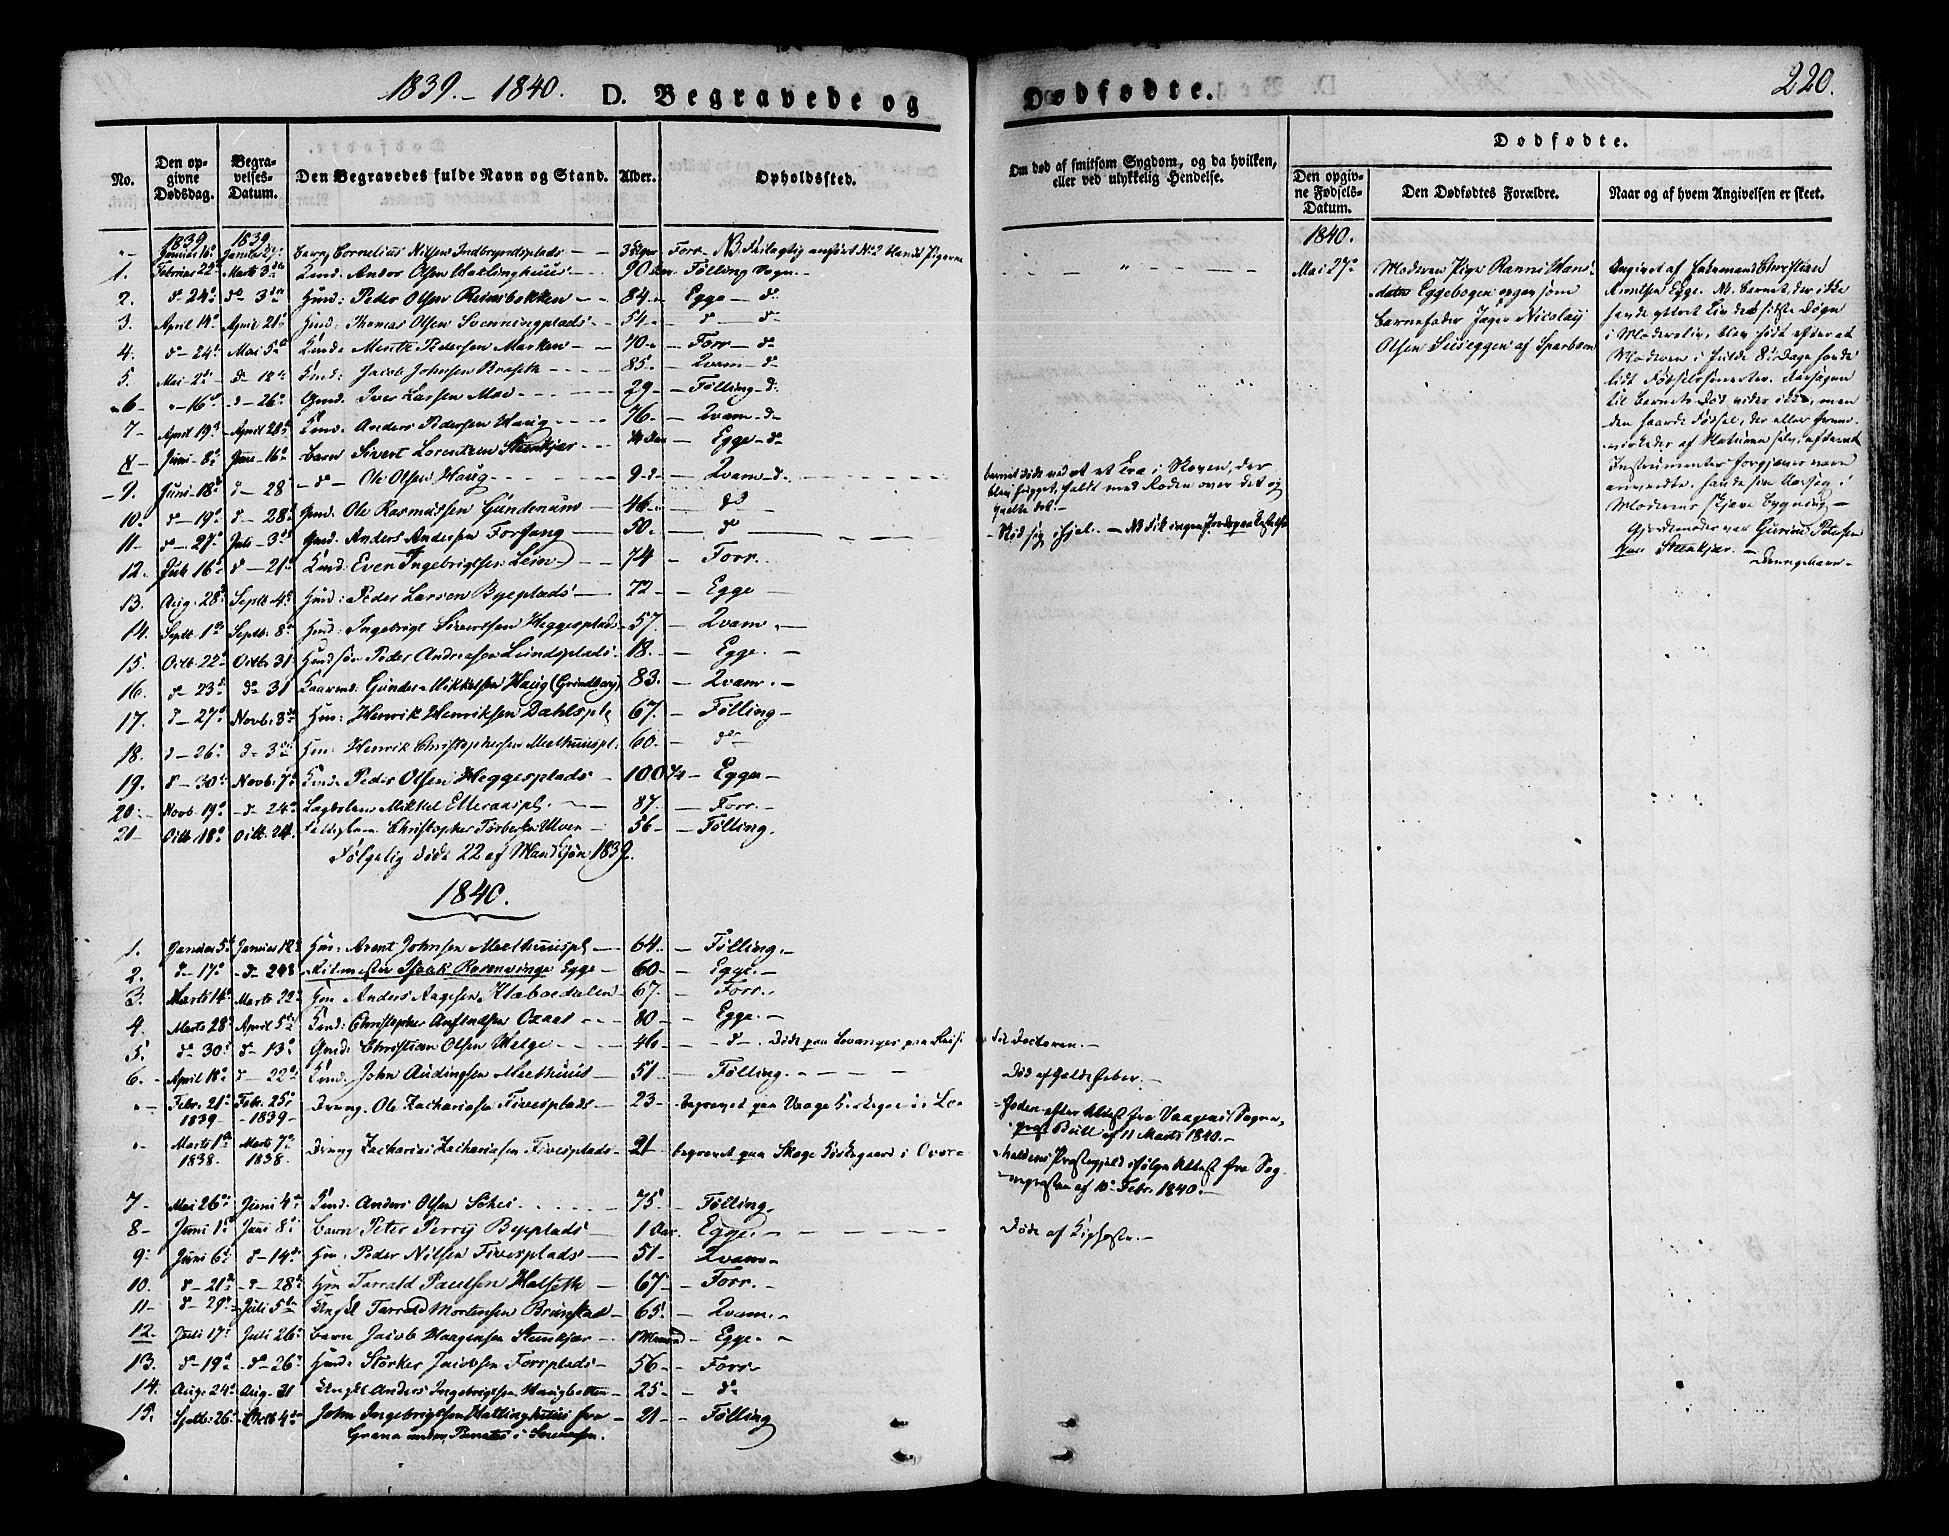 SAT, Ministerialprotokoller, klokkerbøker og fødselsregistre - Nord-Trøndelag, 746/L0445: Ministerialbok nr. 746A04, 1826-1846, s. 220